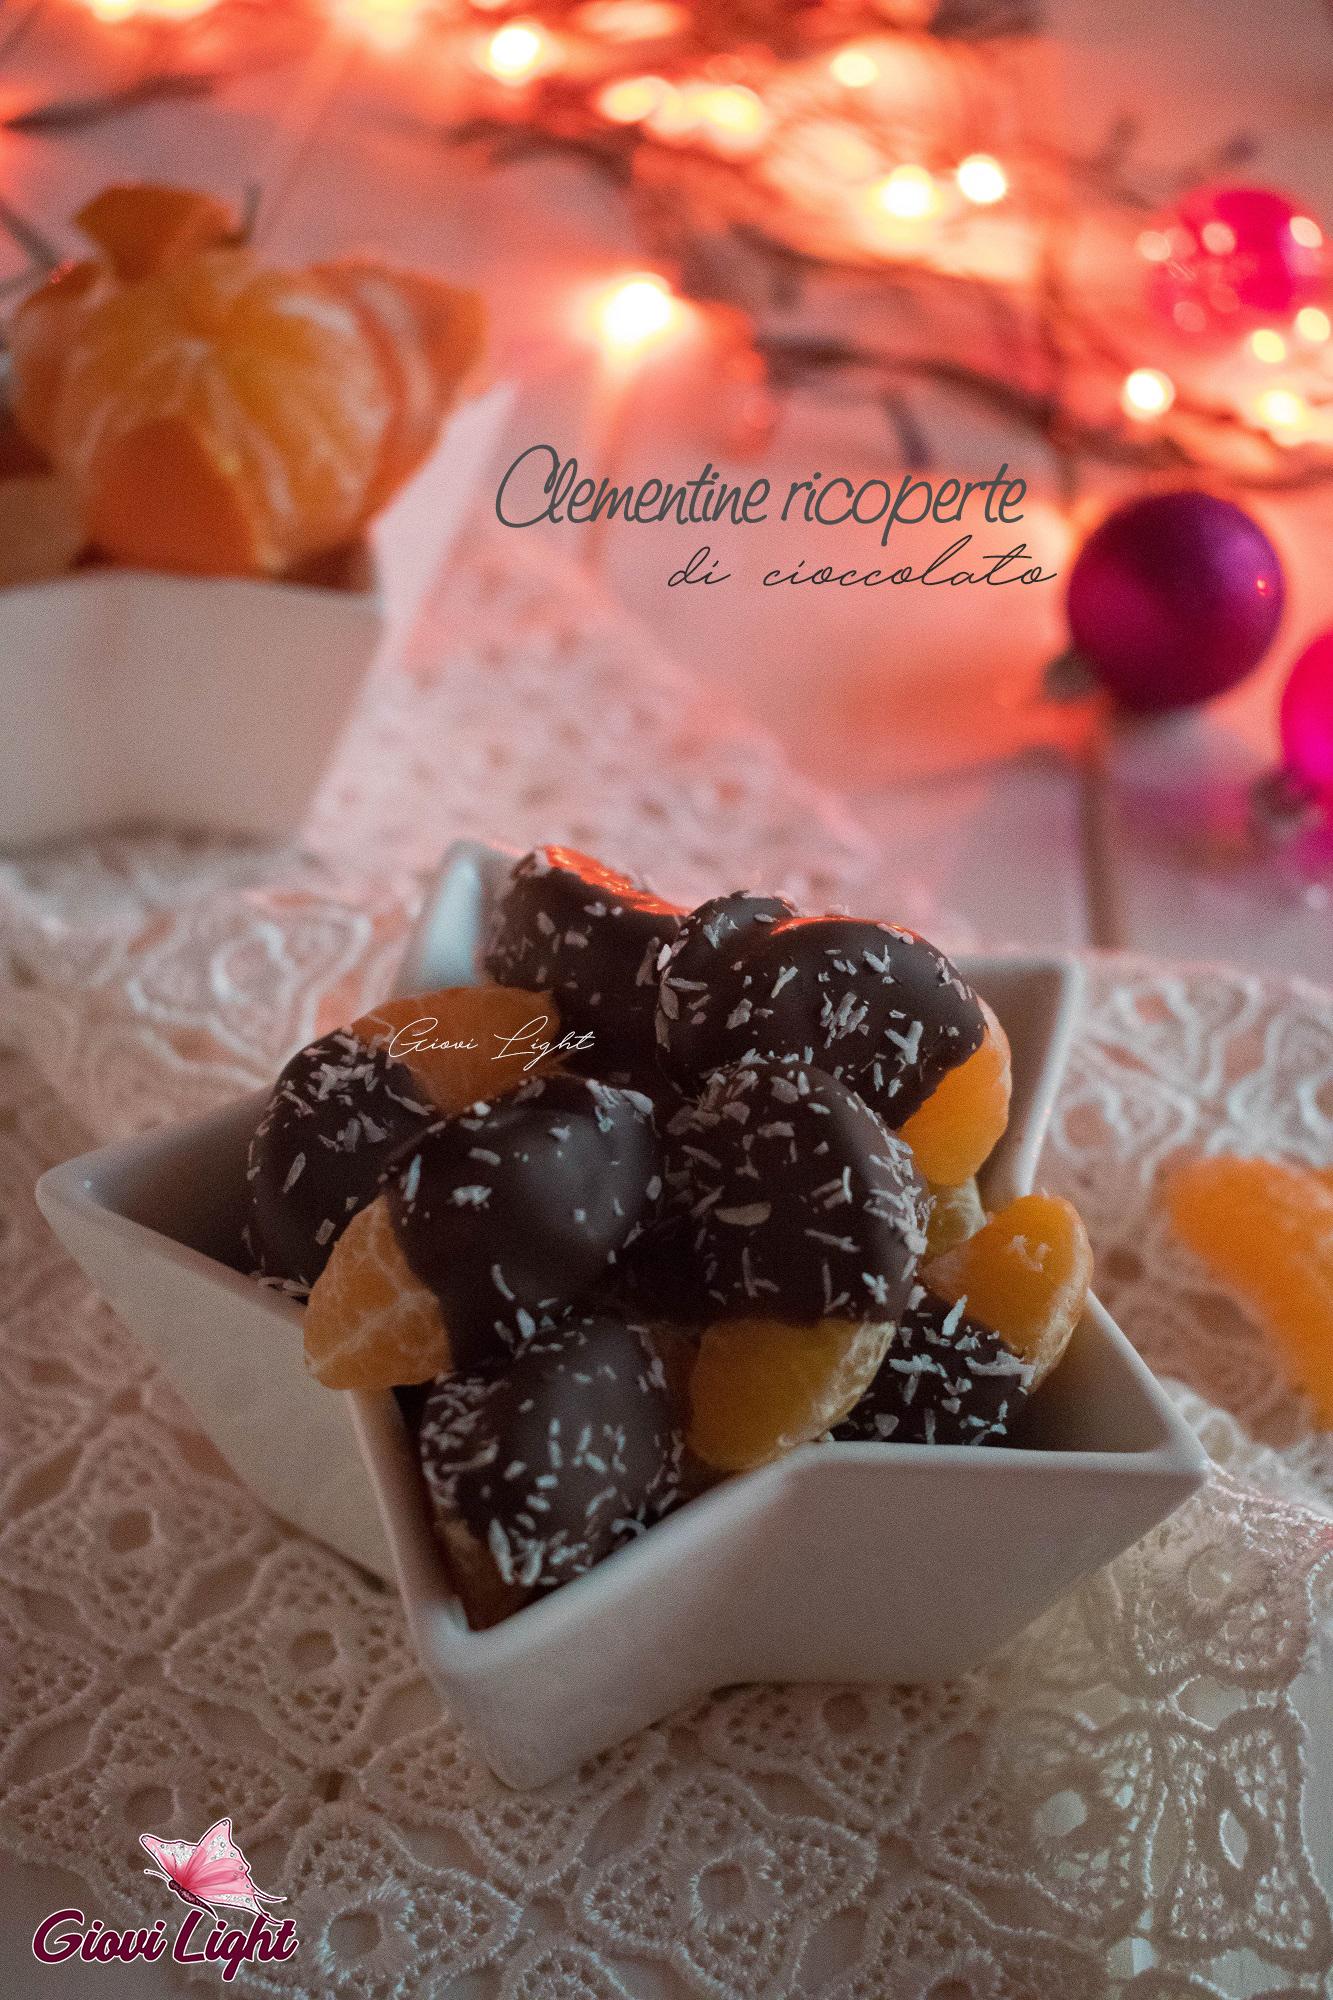 Clementine ricoperte di cioccolato